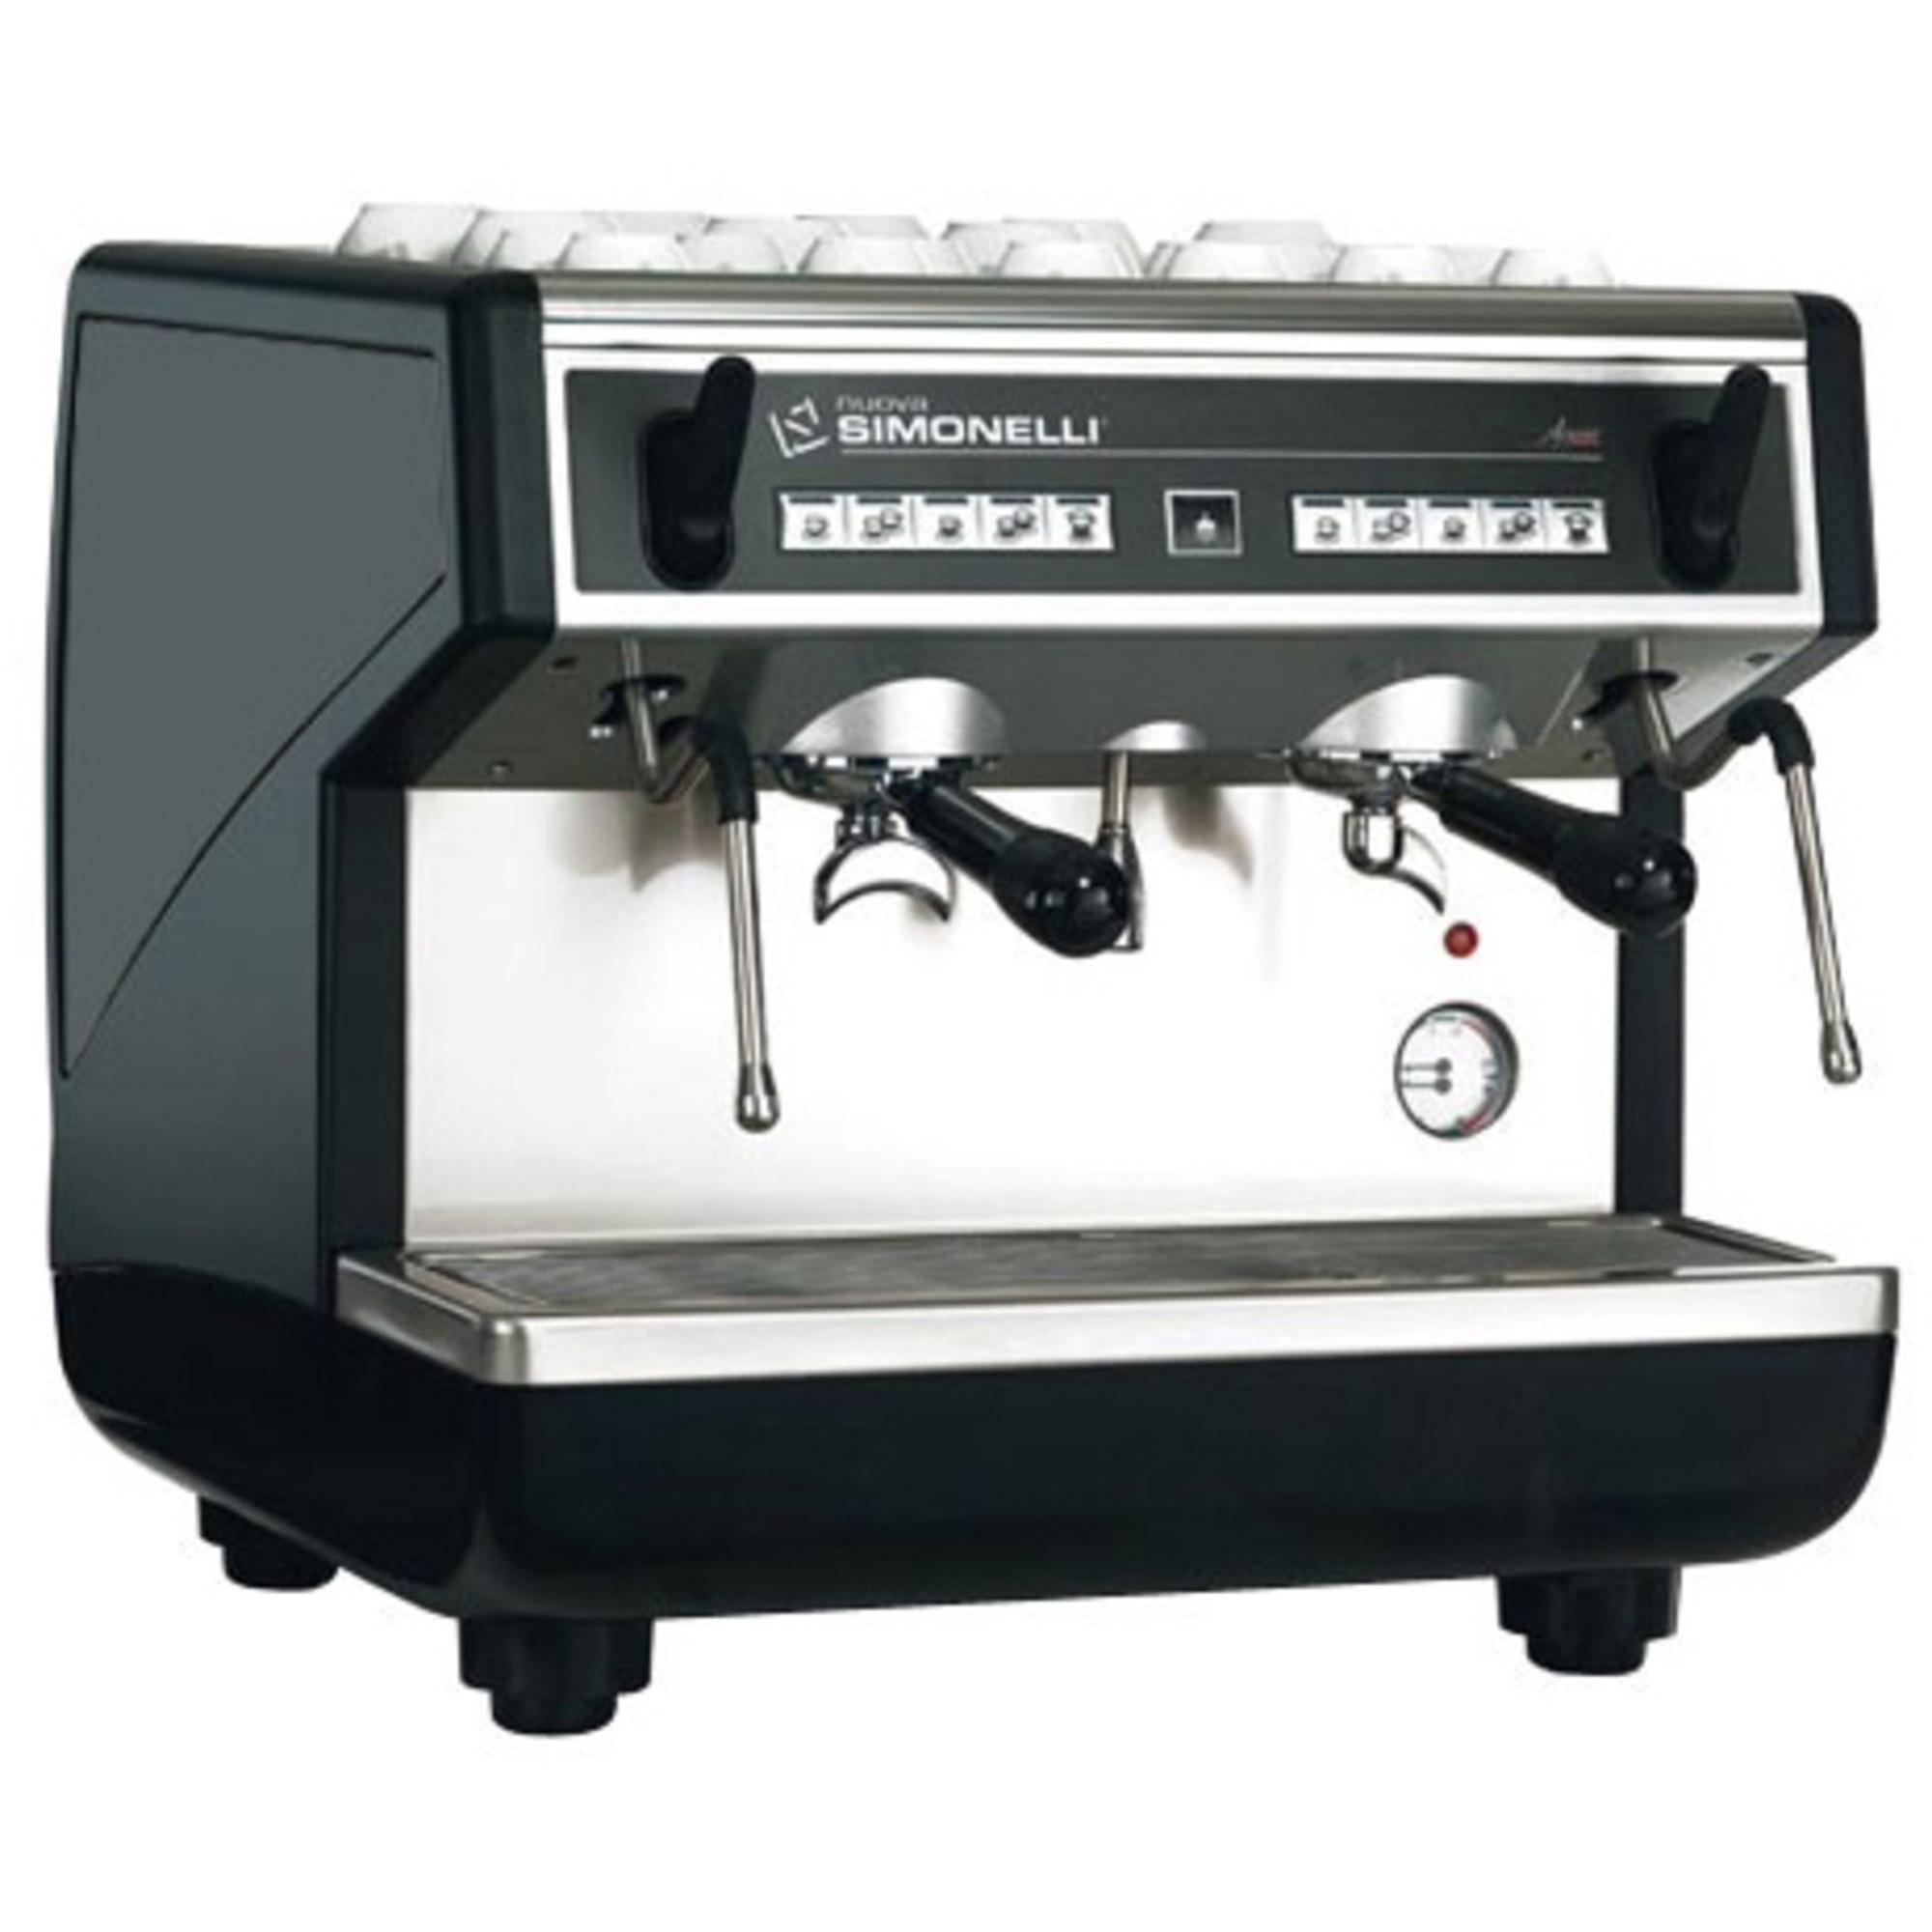 Nuova Simonelli Appia II 2 Gr. VOL Compact Espressomaskin